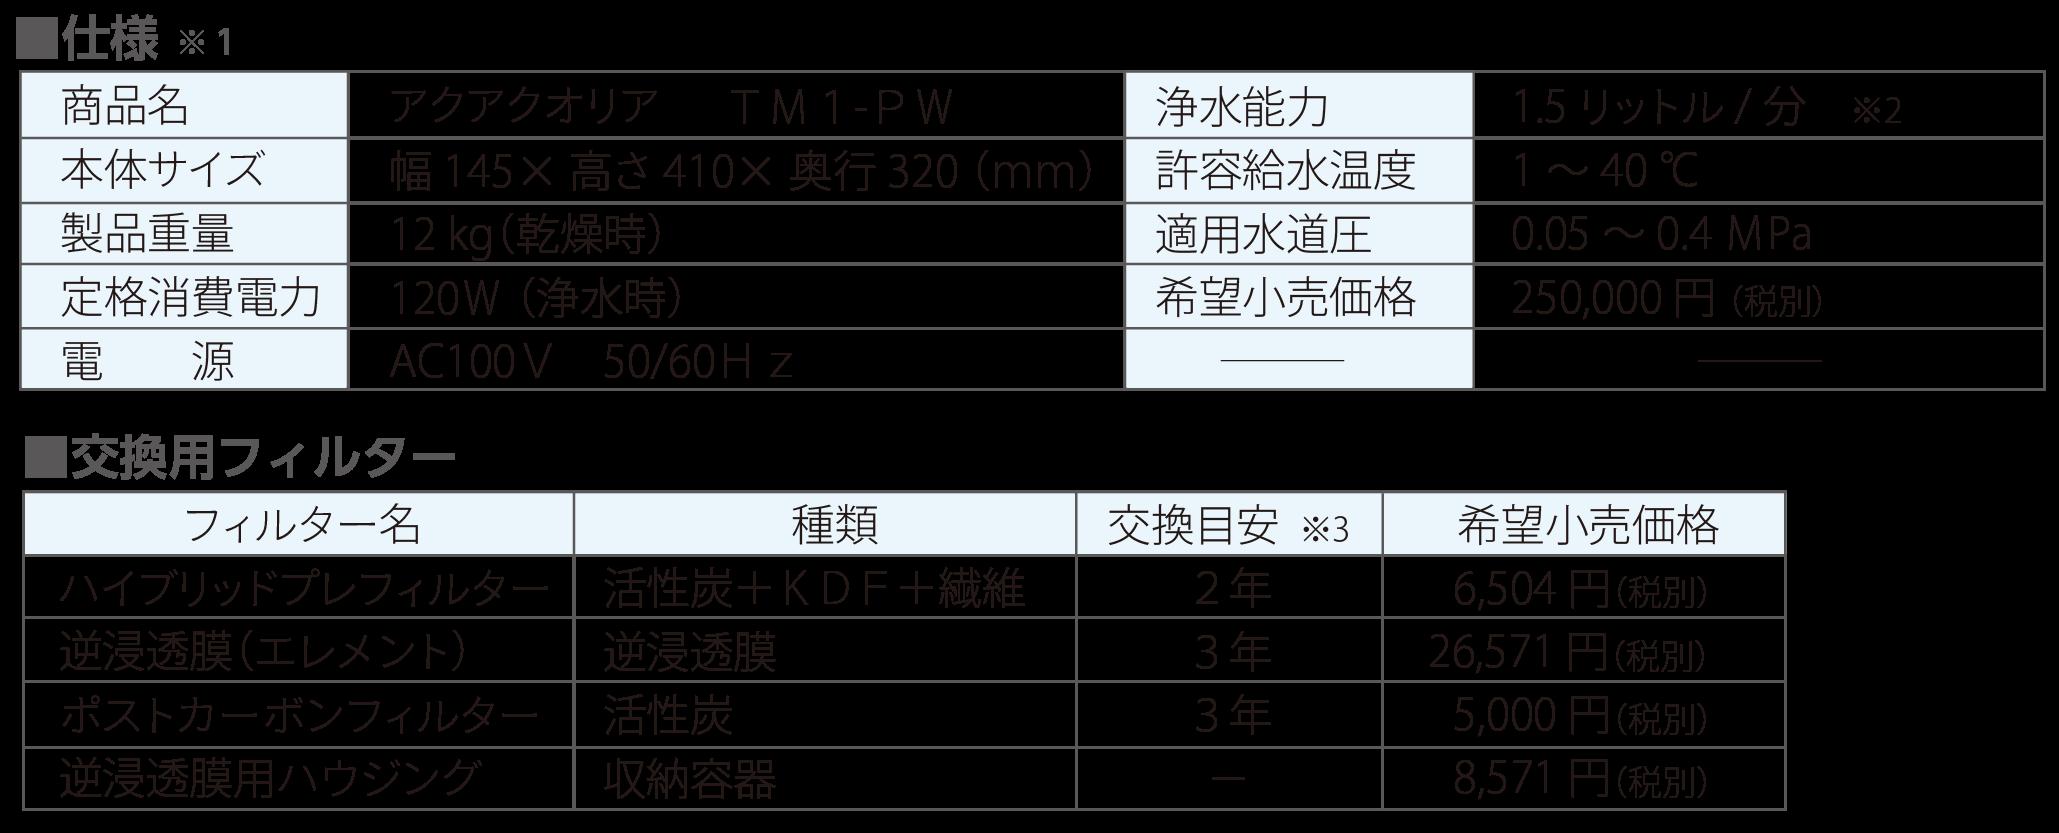 アクアクオリア仕様TM1-PW